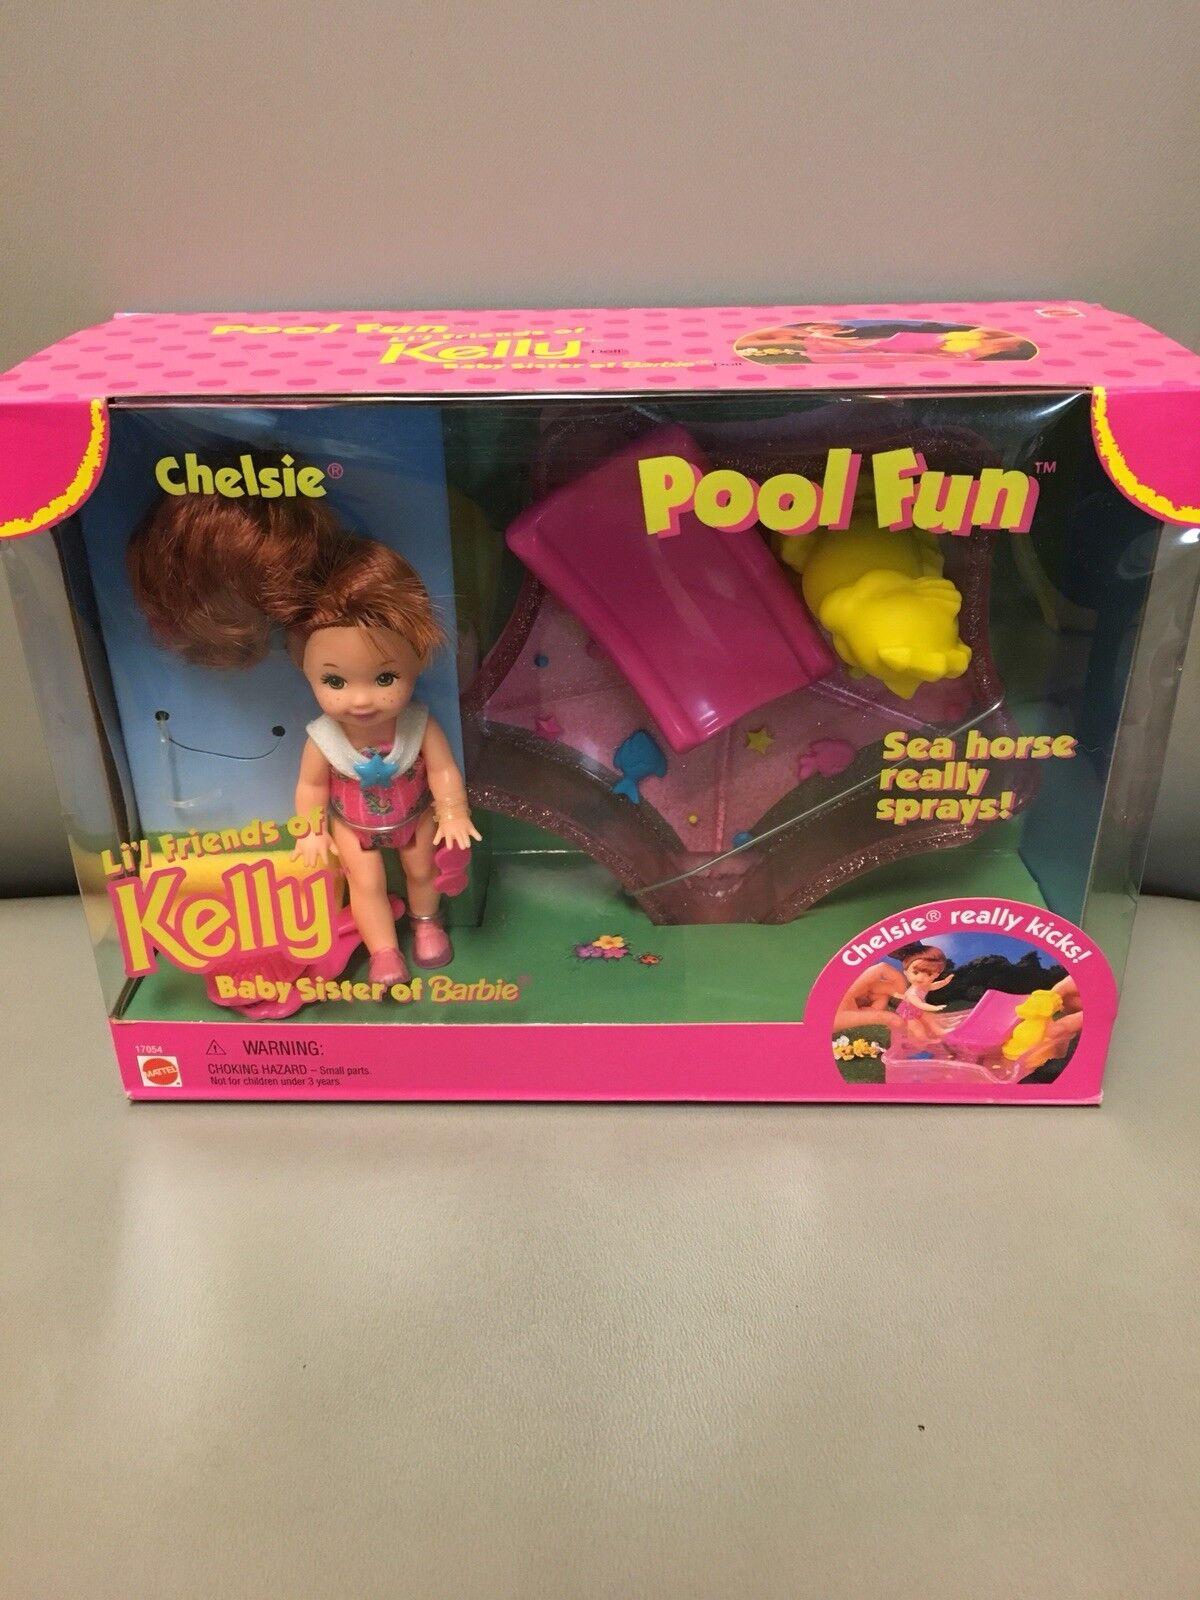 Barbie Lil Friends Of Kelly Baby Sister Of Barbie Chelsie